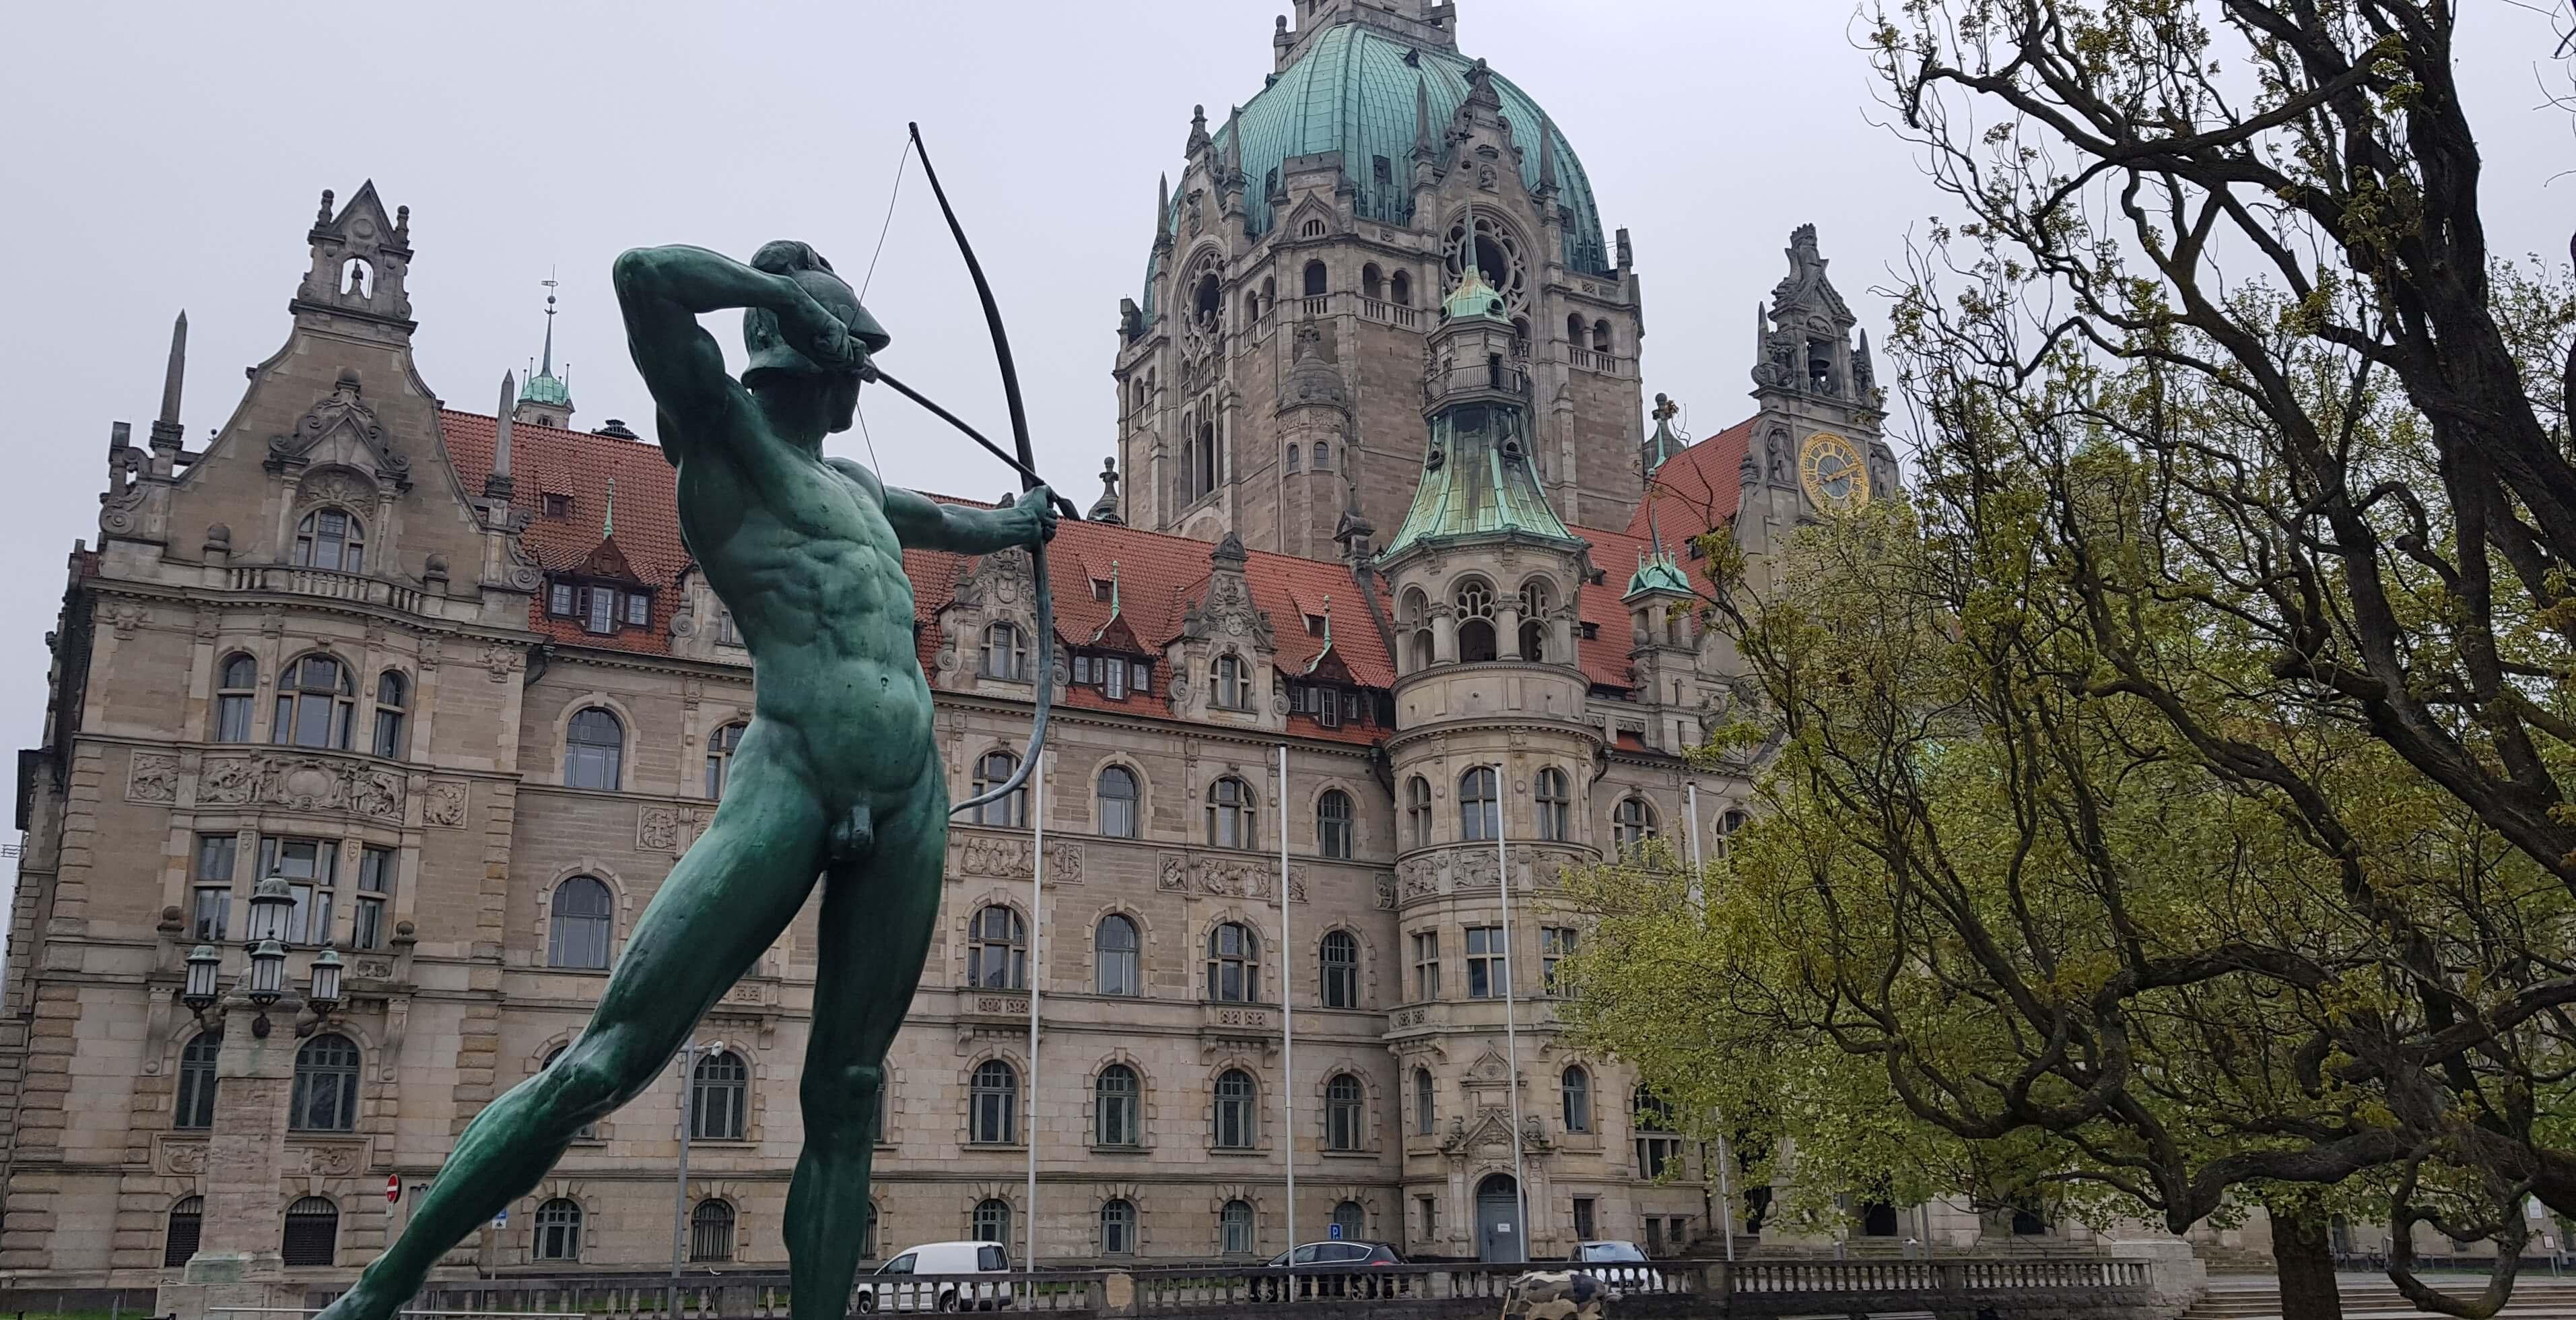 Czas zatrzymany w cudownej architekturze – niemieckie miasteczka…